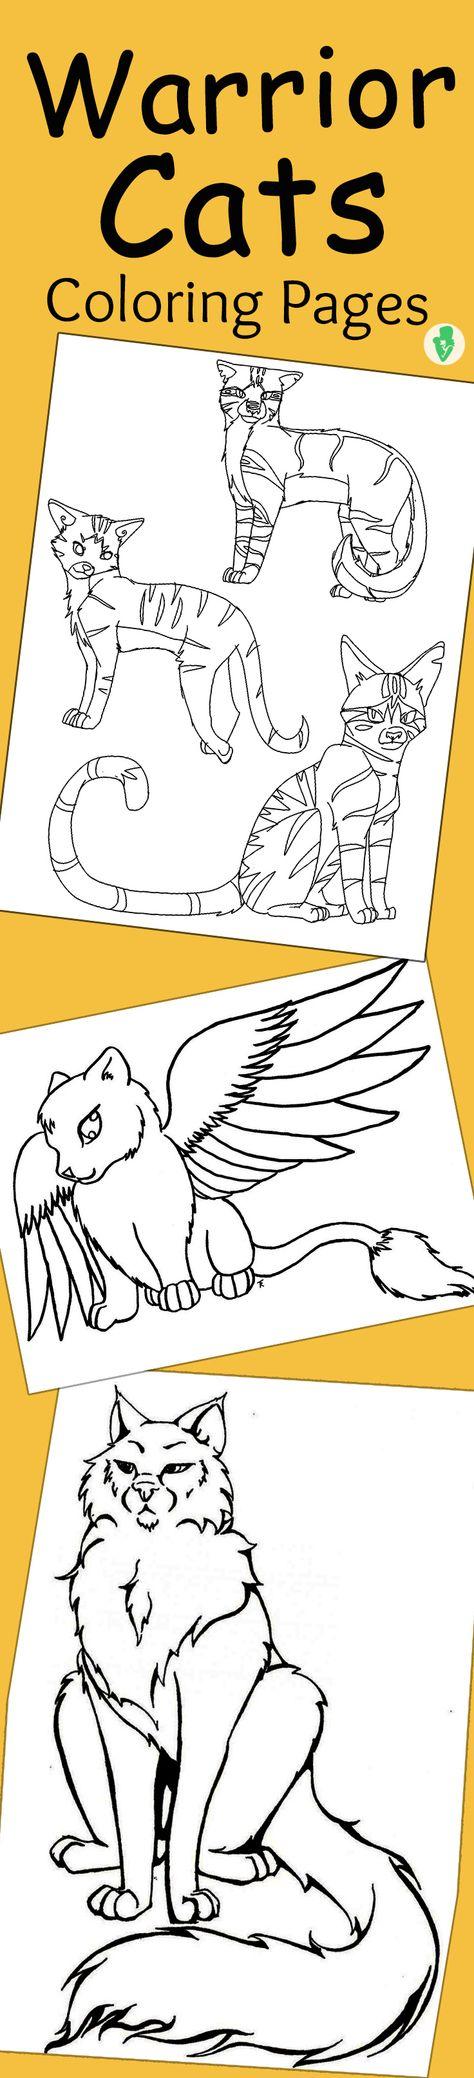 oben warrior cats ausmalbilder zum ausdrucken  top